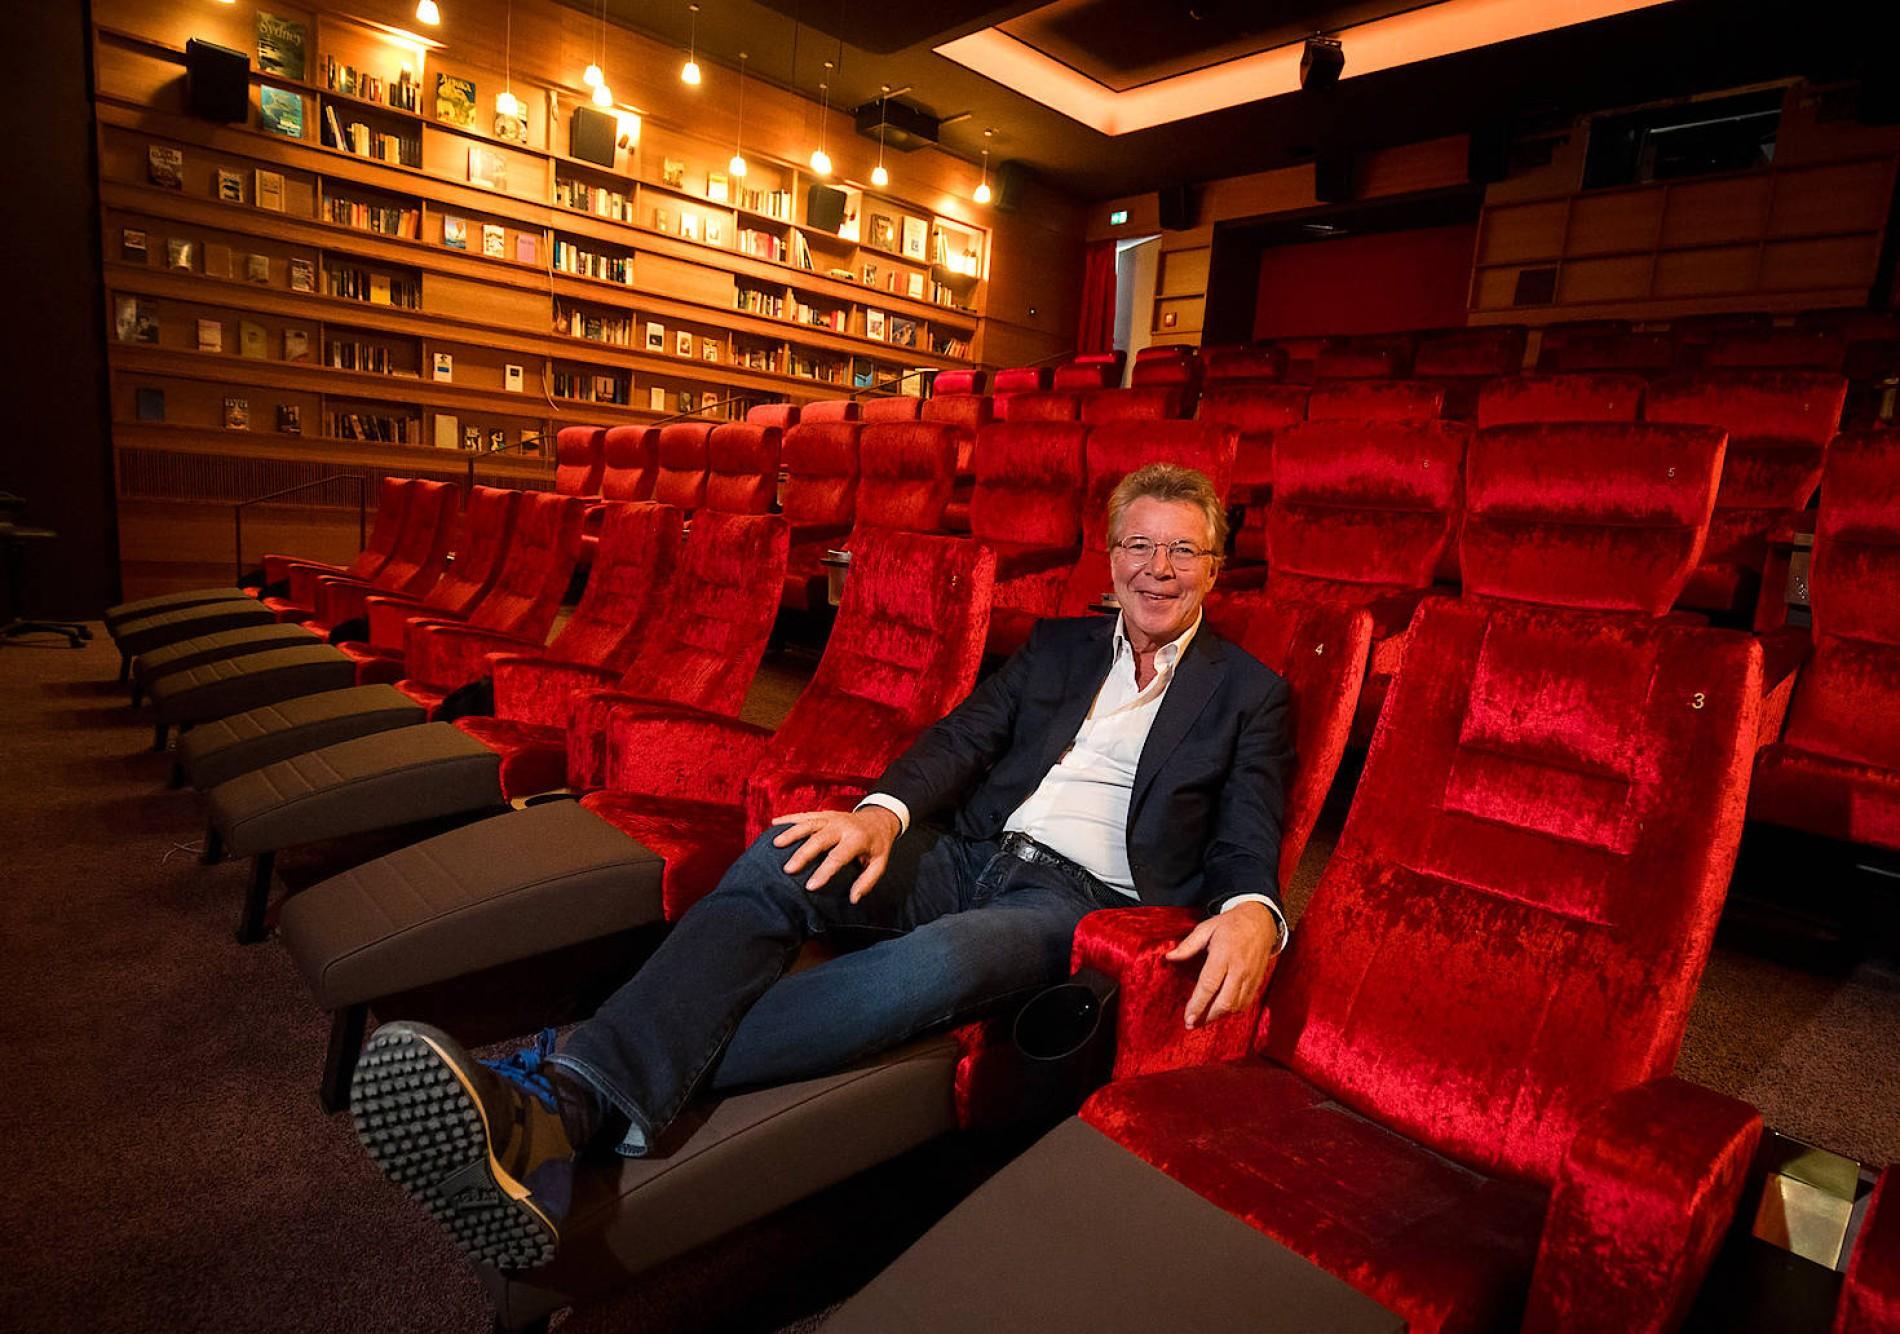 Cinema Kino Frankfurt